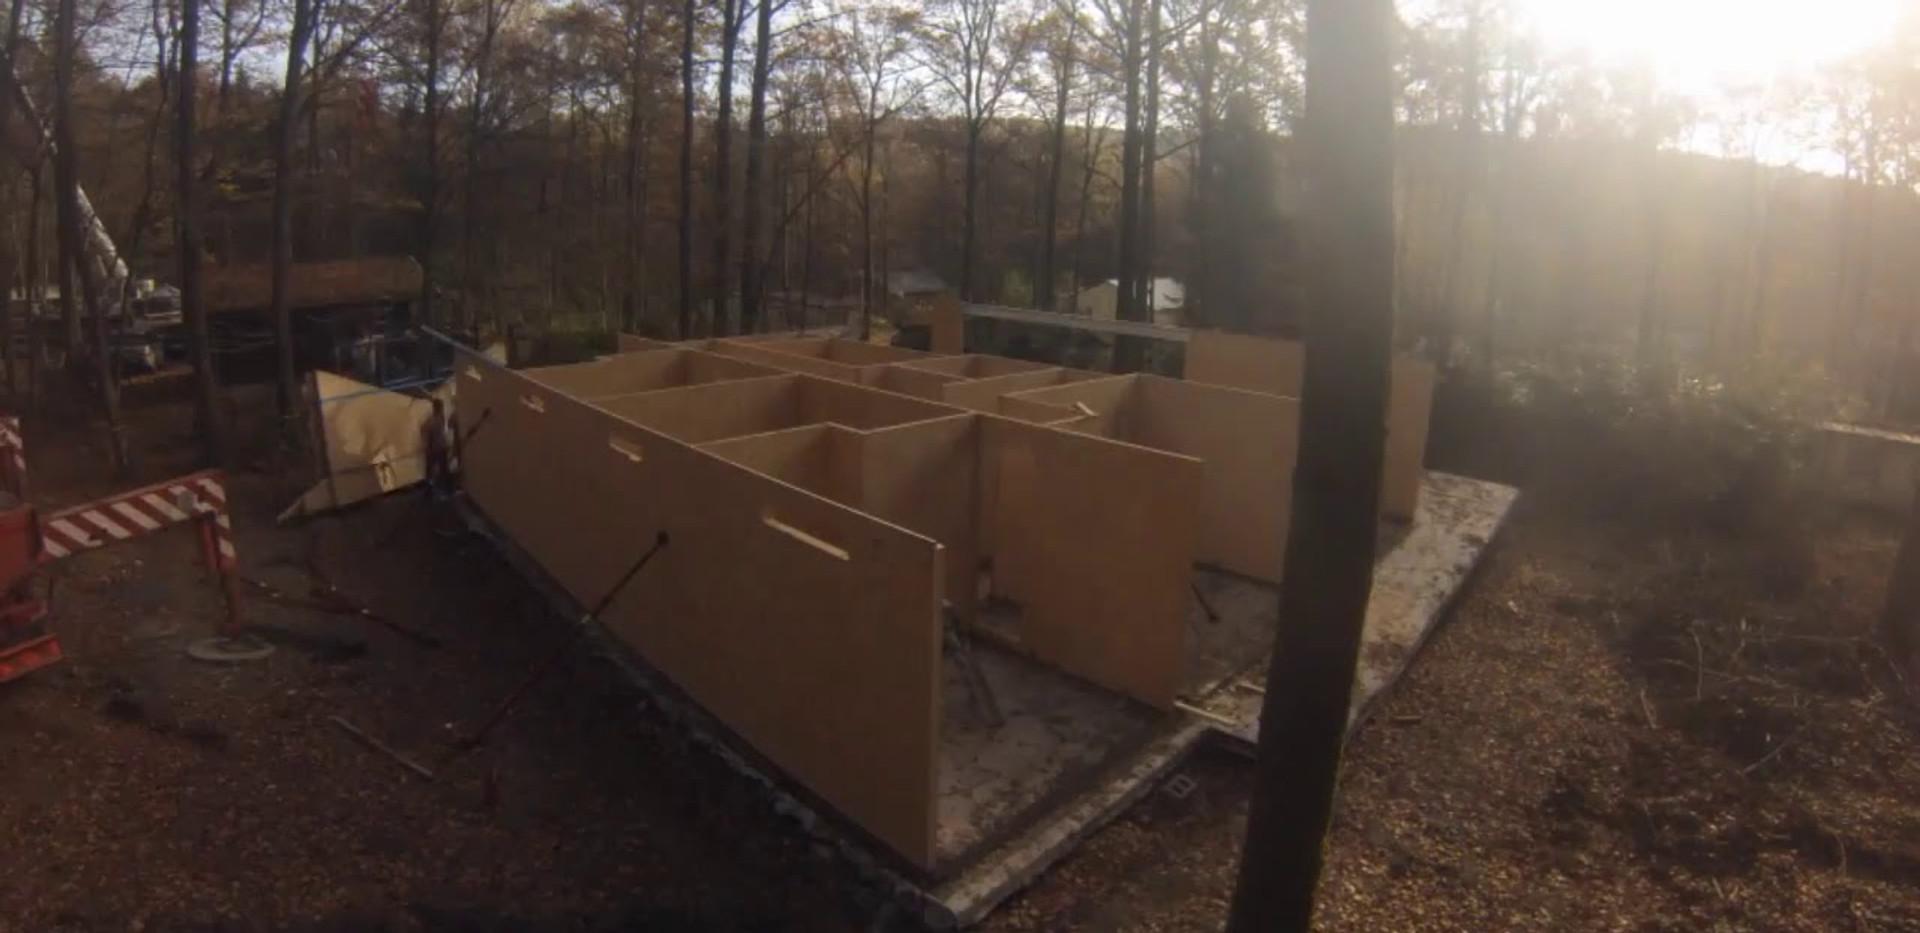 Wood & Build - Realisatie in MAGNUMBOARD - Cerfontaine - Demaerel